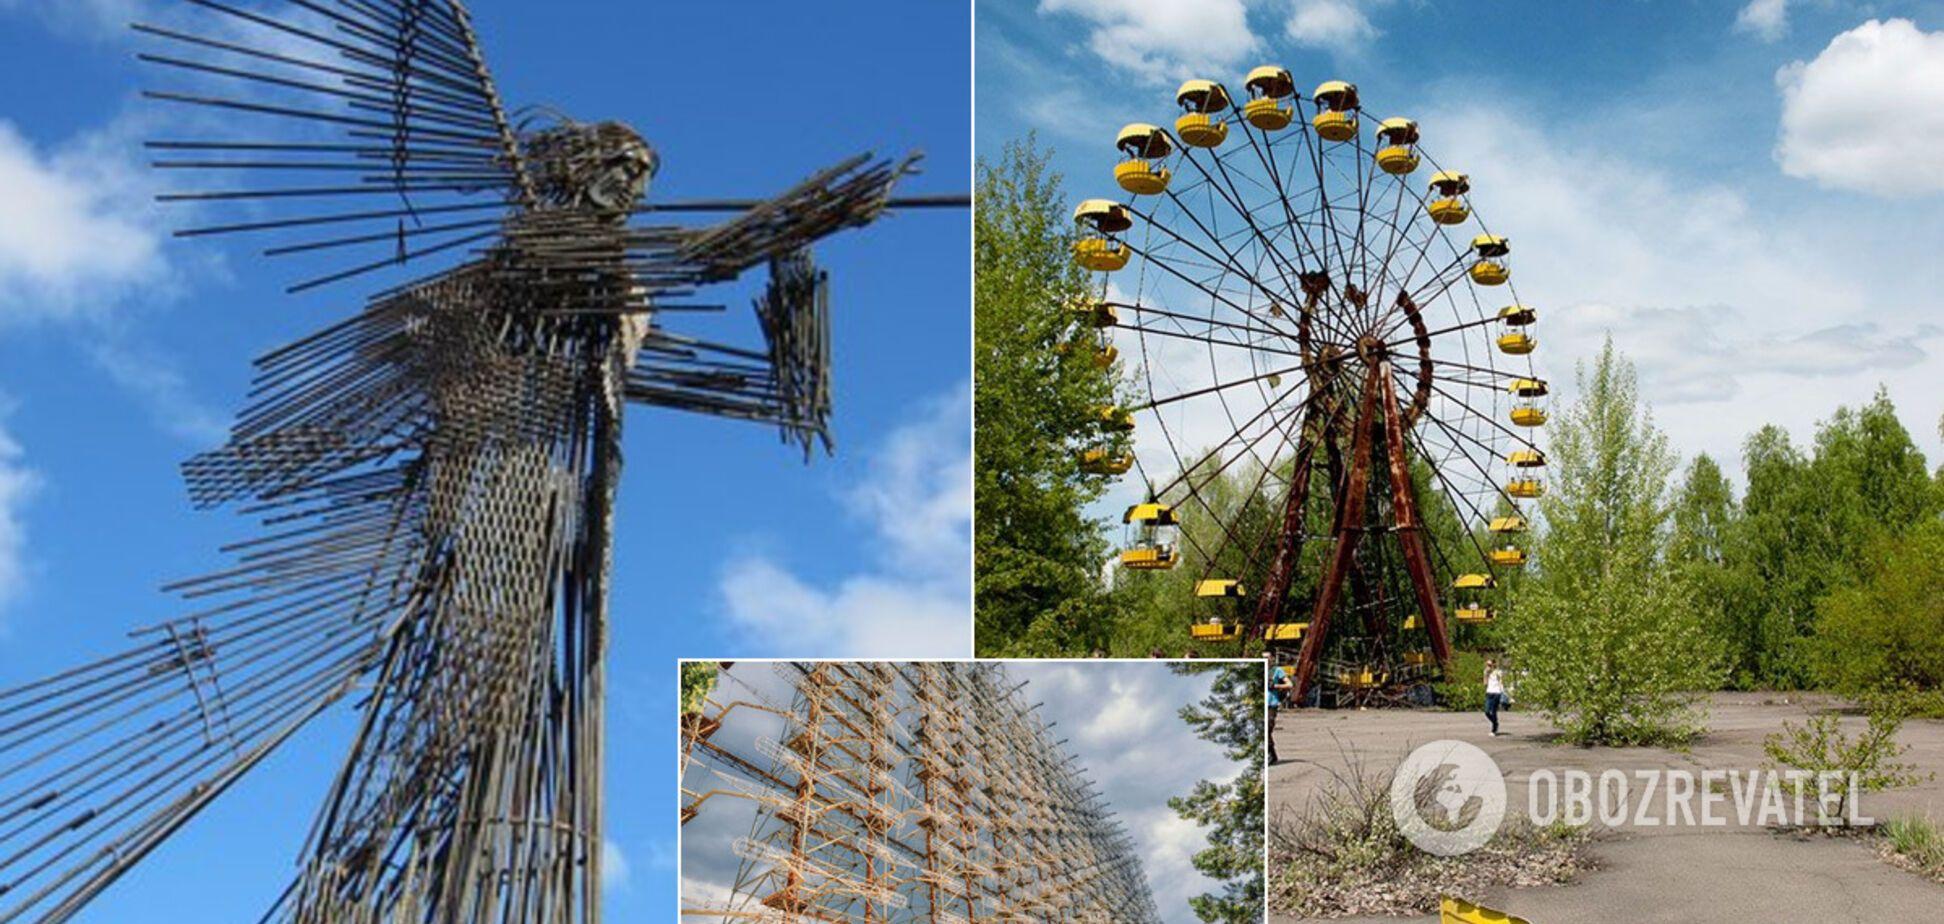 После пожара: топ-5 туристических мест Чернобыля, которые необходимо увидеть